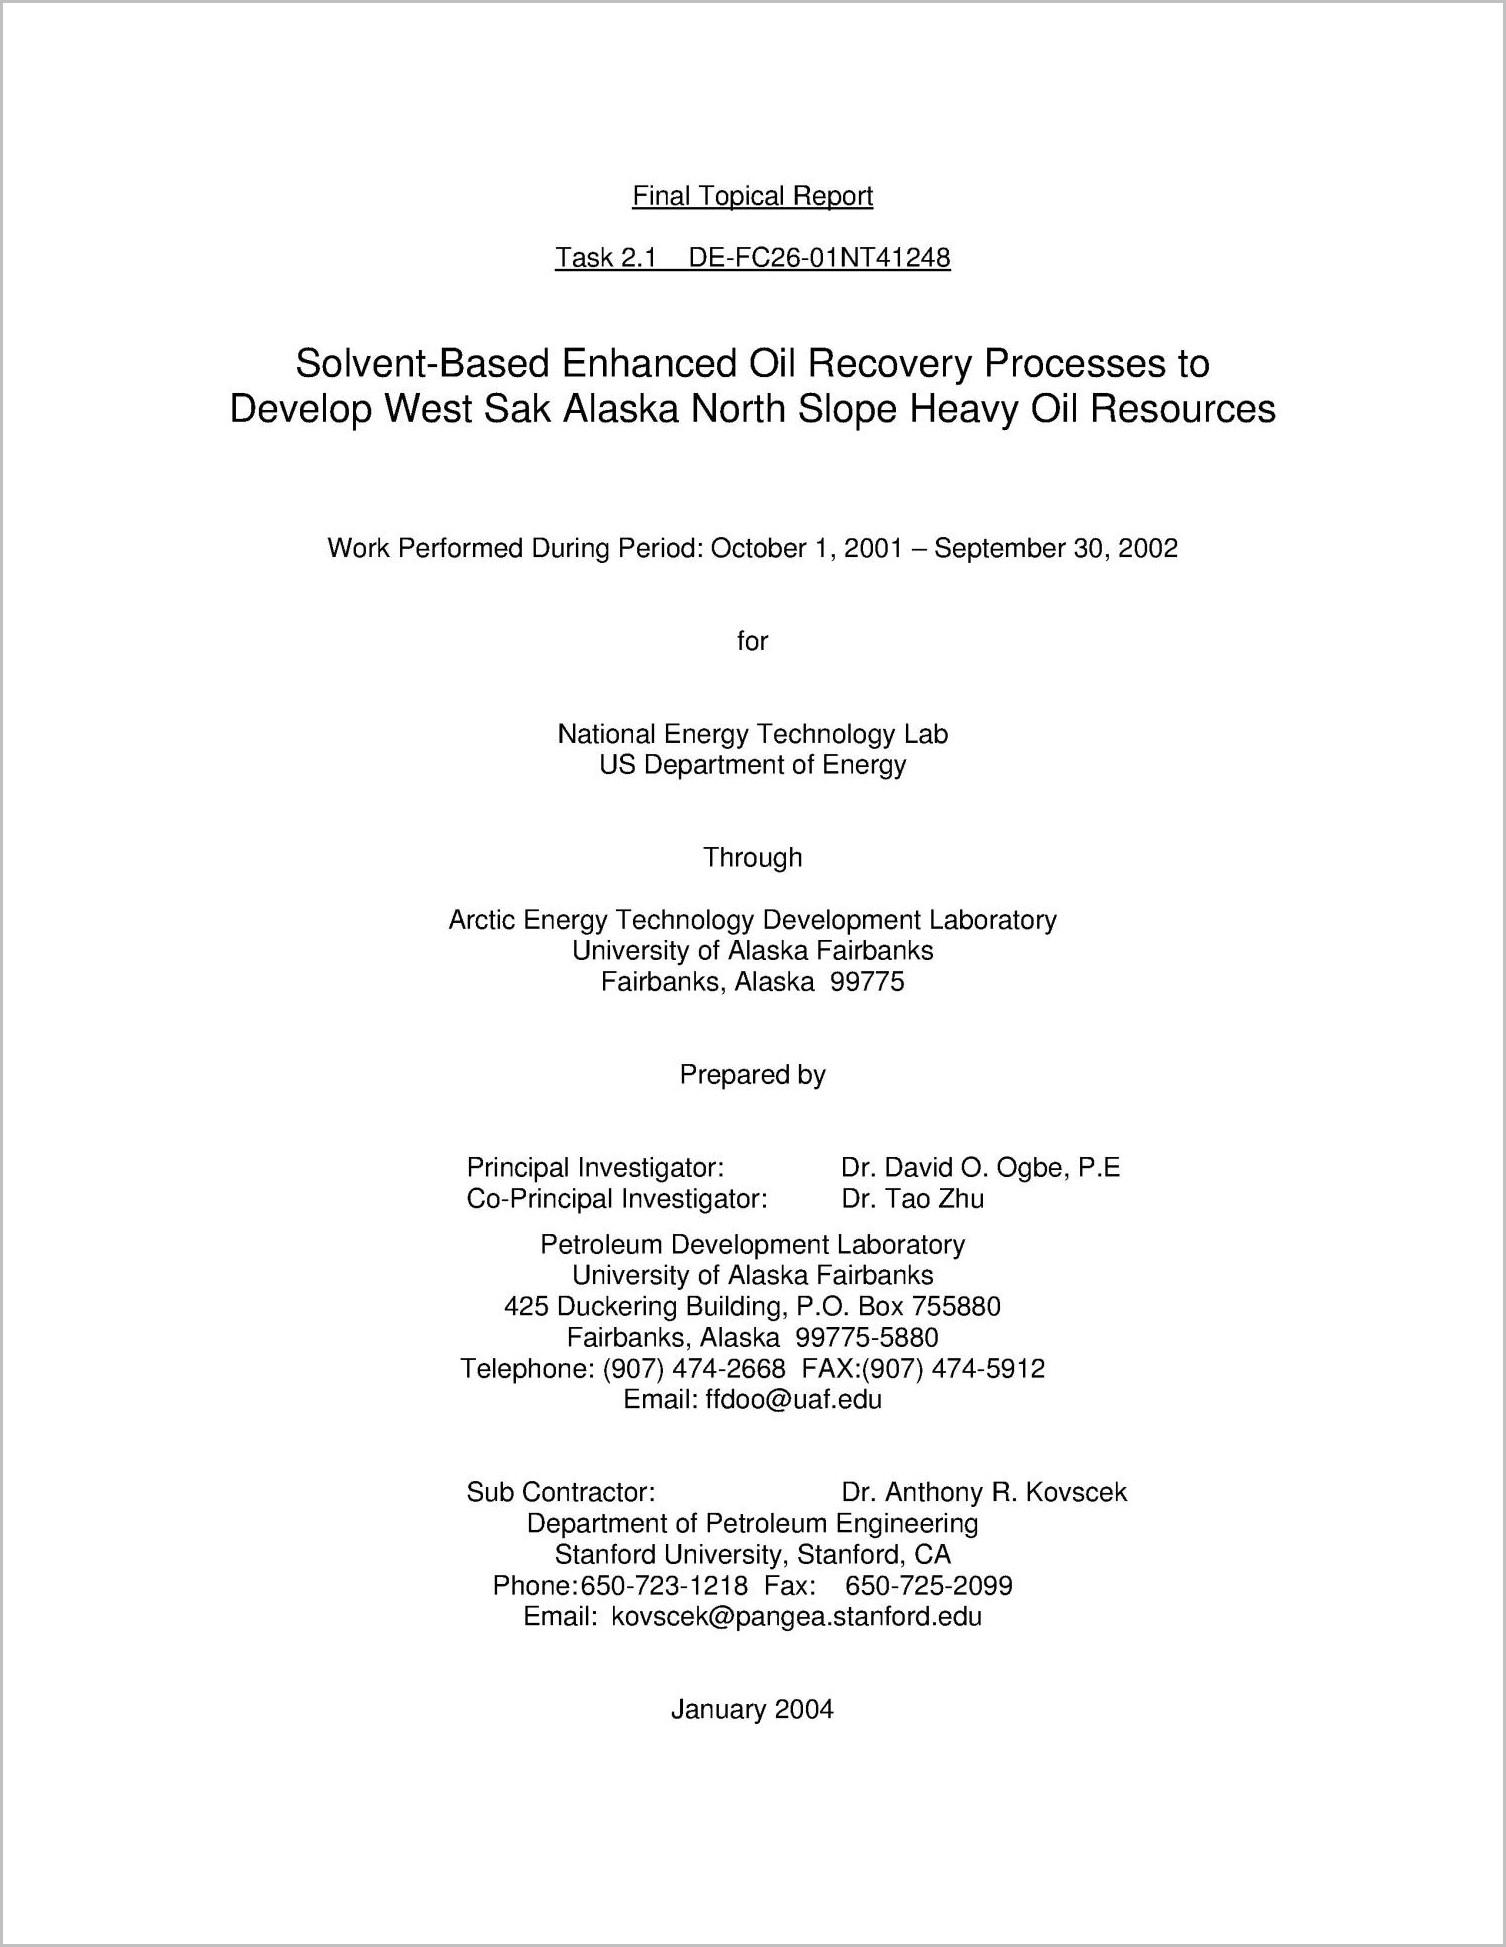 Sample Of Apostille Cover Letter